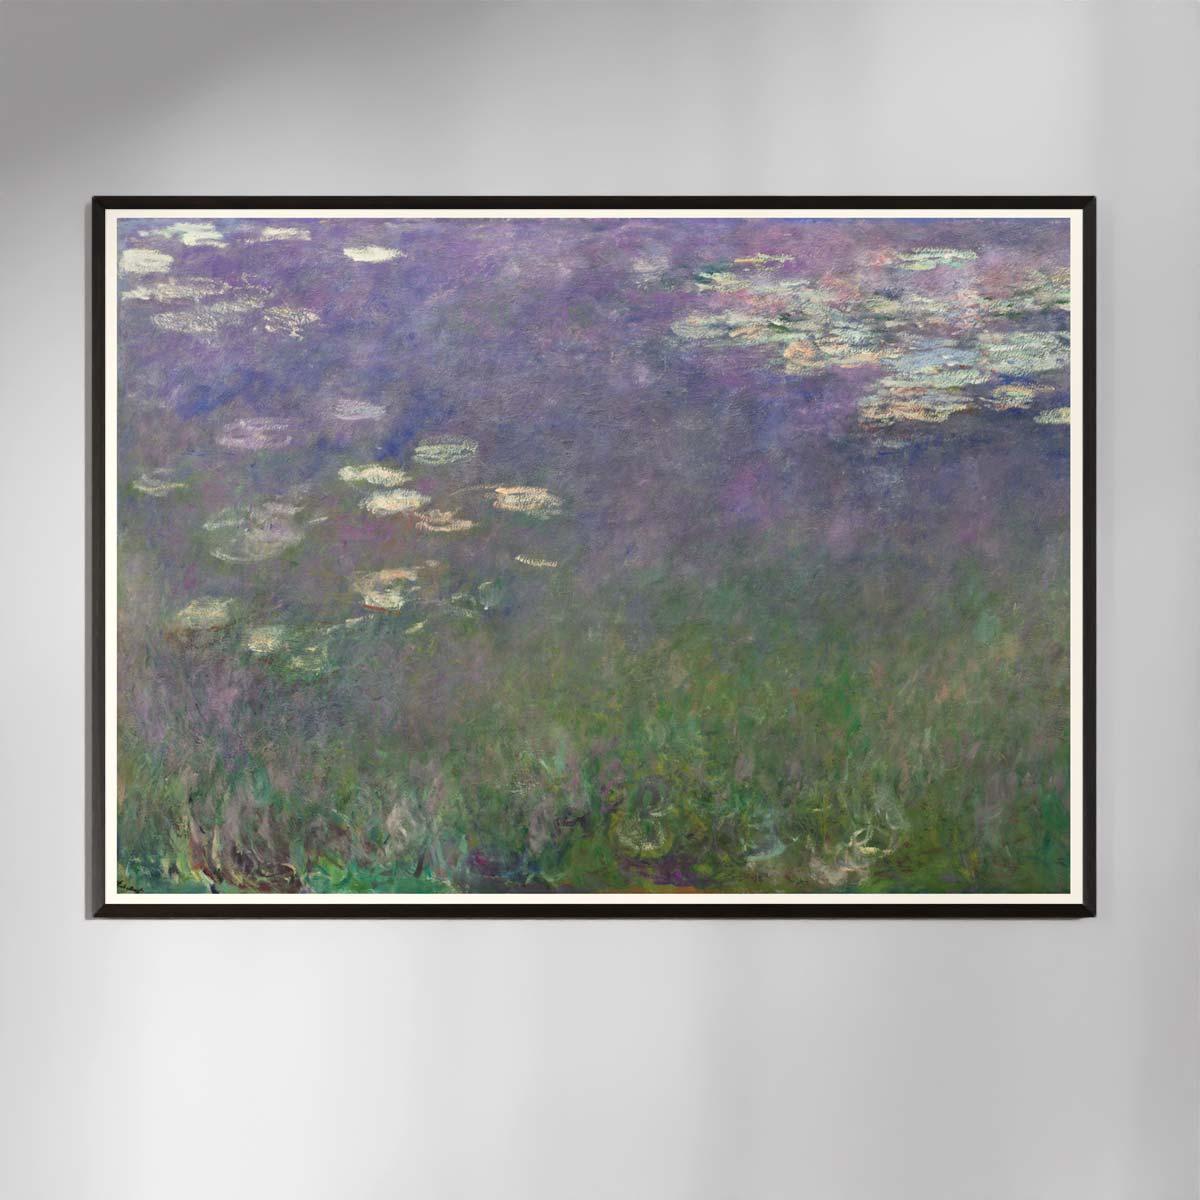 Plakat - Åkander - Claude Monet 1